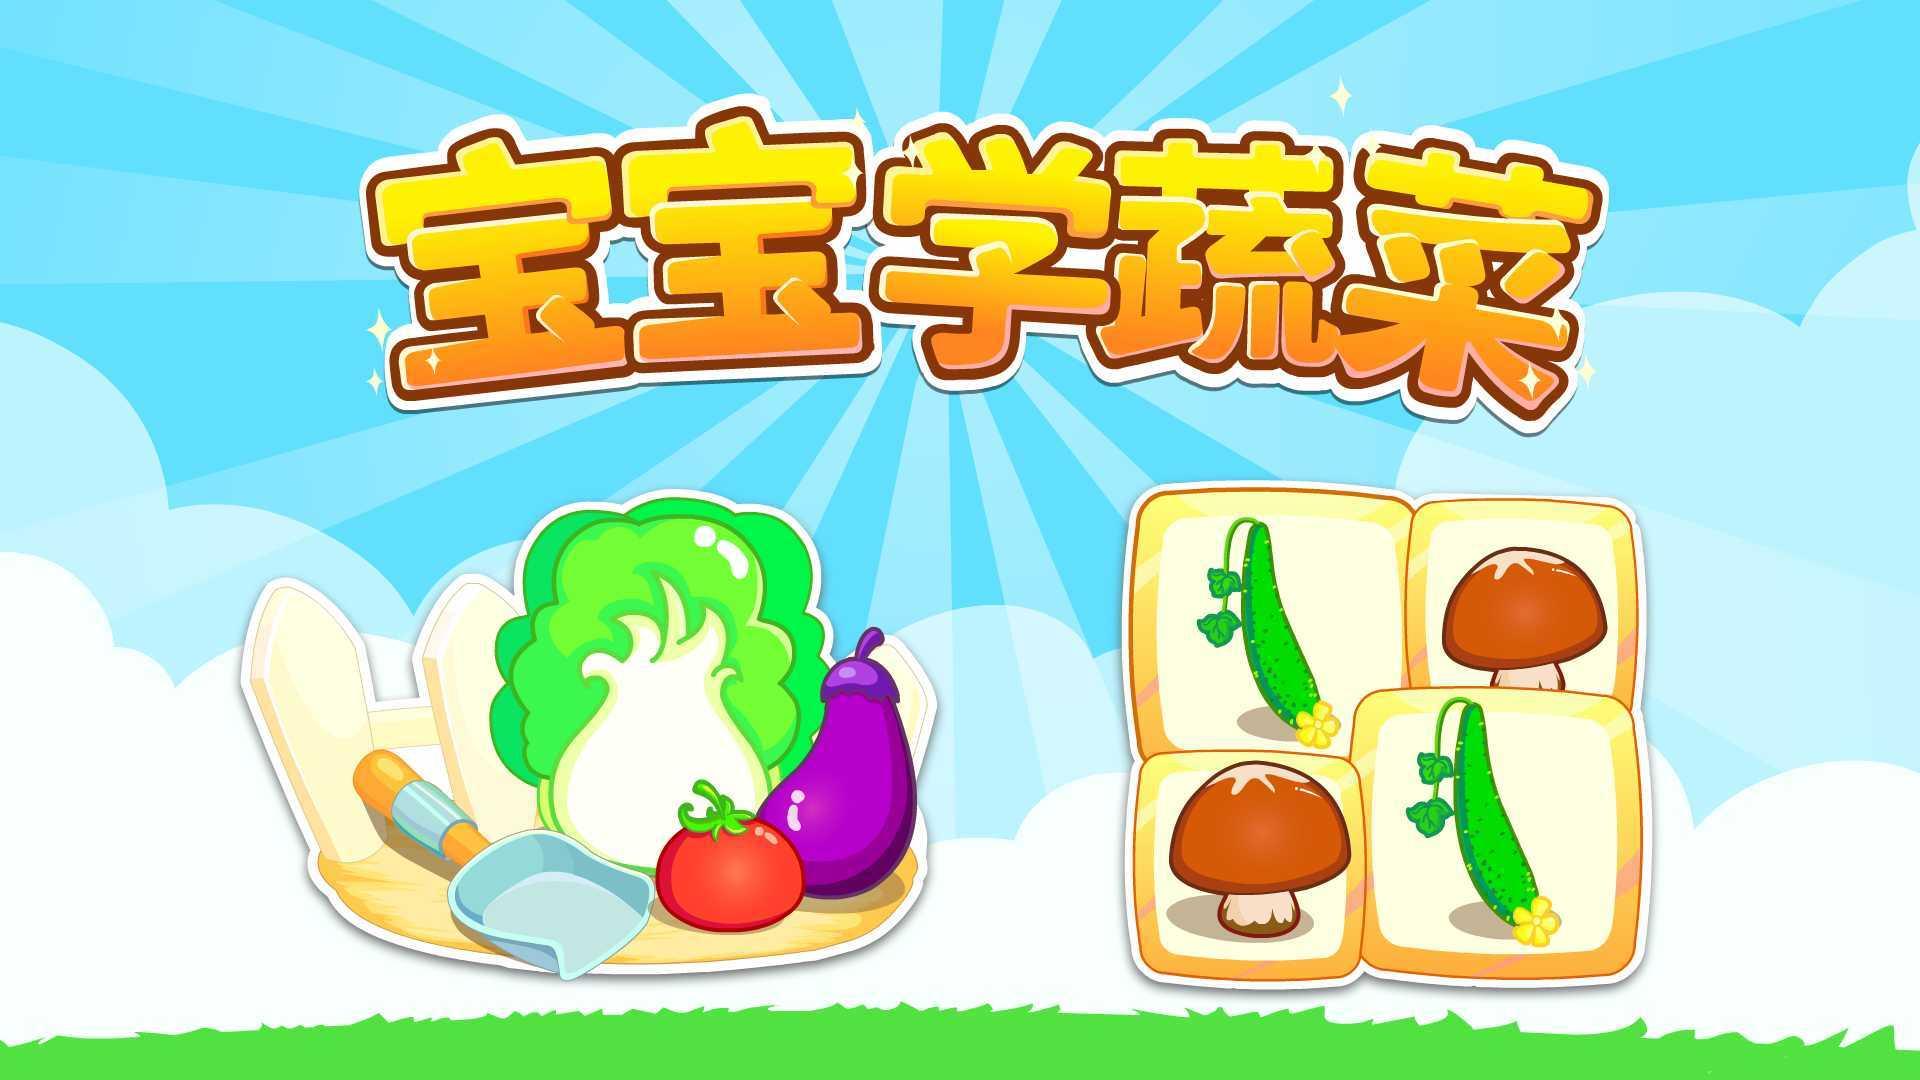 相对于水果,宝宝是不是没有那么喜欢蔬菜呢?宝宝巴士将生活中常见的蔬菜拟人化,加以可爱的表情,配合循序渐进的认知方式和互动游戏让宝宝爱上蔬菜宝宝! 场景一:农场里有好多可爱的蔬菜宝宝,有圆滚滚的土豆宝宝,胖乎乎的冬瓜宝宝,绿油油的菠菜宝宝... ...点击它们不仅会告诉宝宝它们的名字,还会长大和做鬼脸呢。 场景二:宝宝们会玩连连看游戏吗?快来把相同的蔬菜宝宝连接起来吧! 宝宝巴士专注于移动智能早教产品研发 以蒙氏(蒙特梭利)教育作为理论依据 以五大领域作为划分的具体依据 根据学龄前儿童不同年龄段的敏感期特